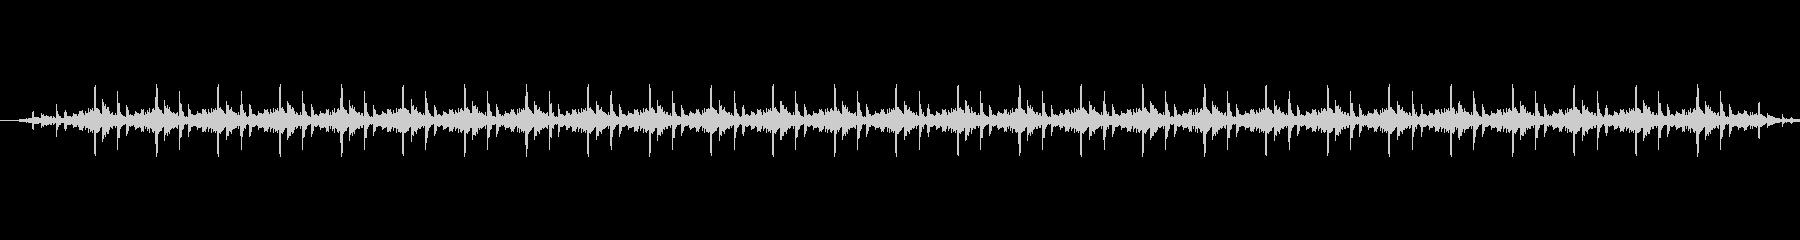 ガタンゴトンの未再生の波形